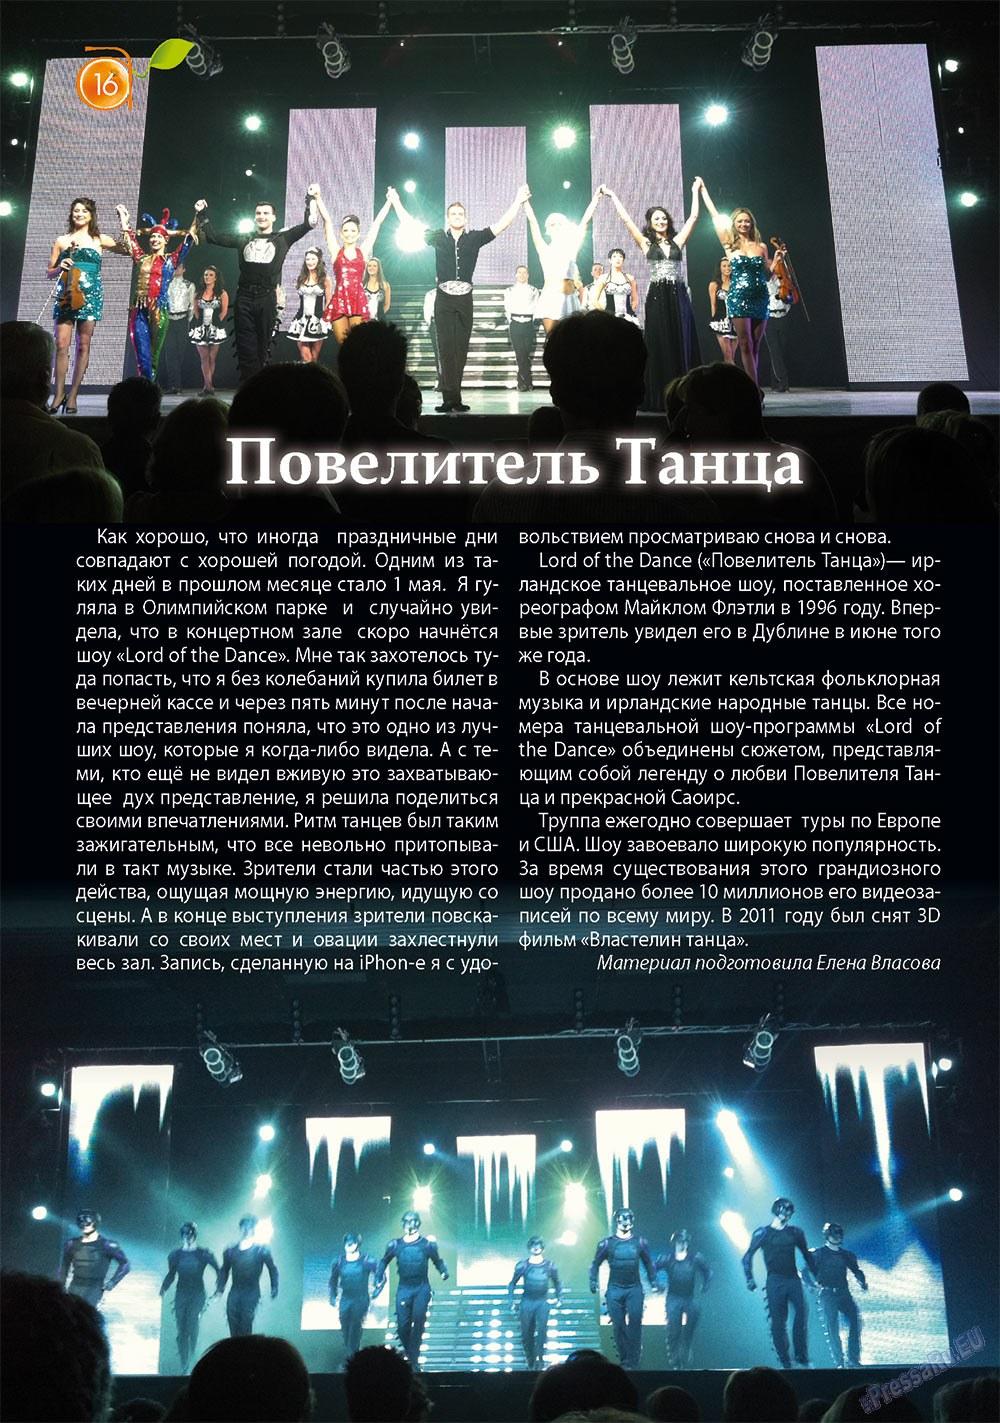 Апельсин (журнал). 2012 год, номер 35, стр. 16